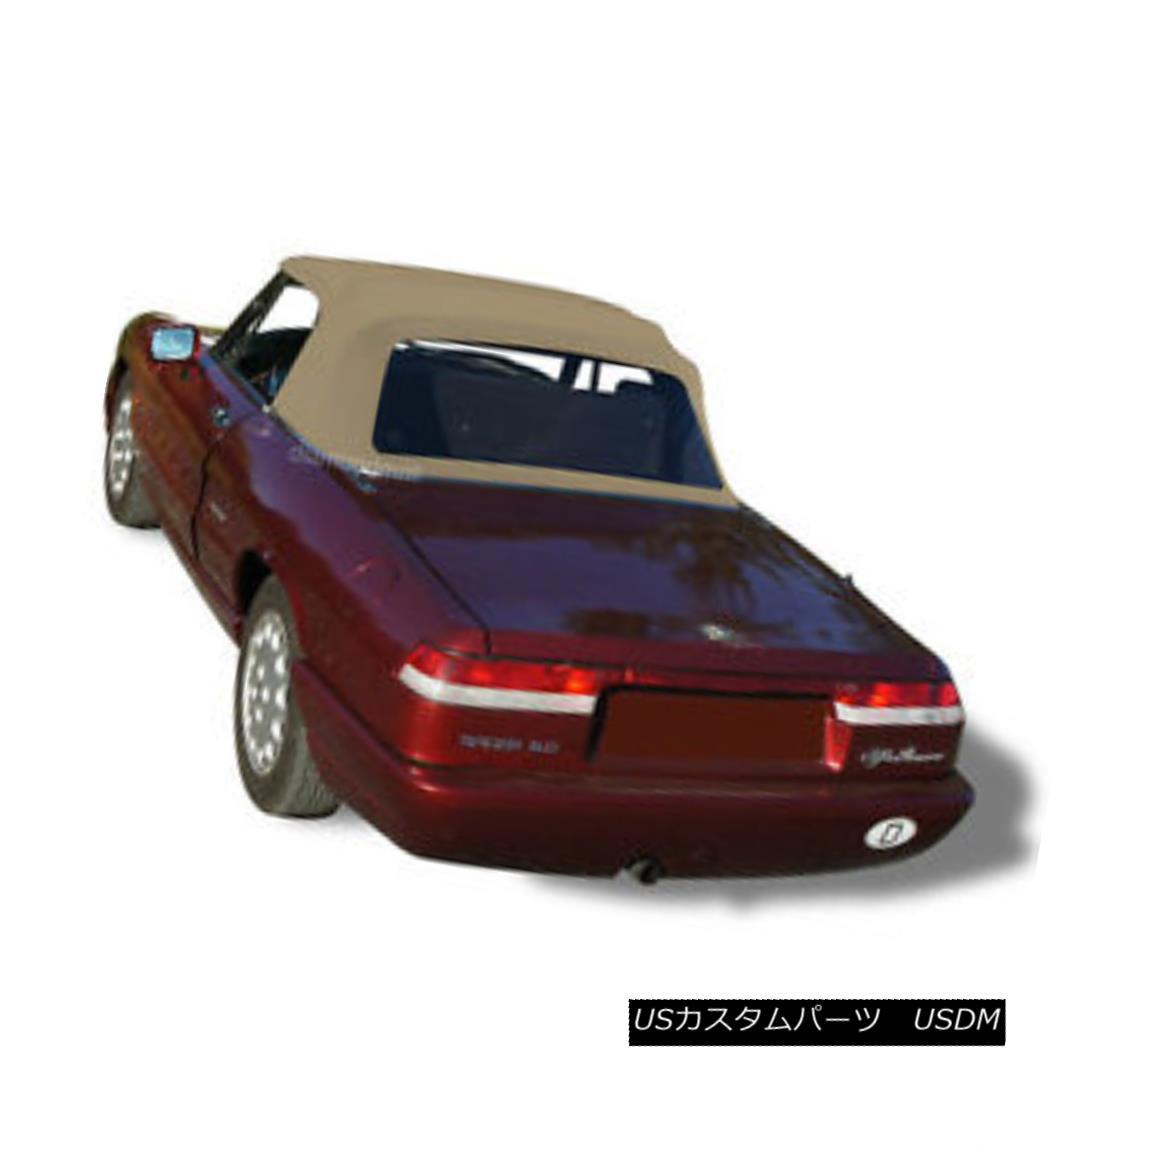 幌・ソフトトップ Alfa Romeo Spider Graduate Veloce Convertible Soft Top TAN Factory German Canvas Alfa Romeo Spider Graduate Veloce ConvertibleソフトトップTANファクトリードイツのキャンバス